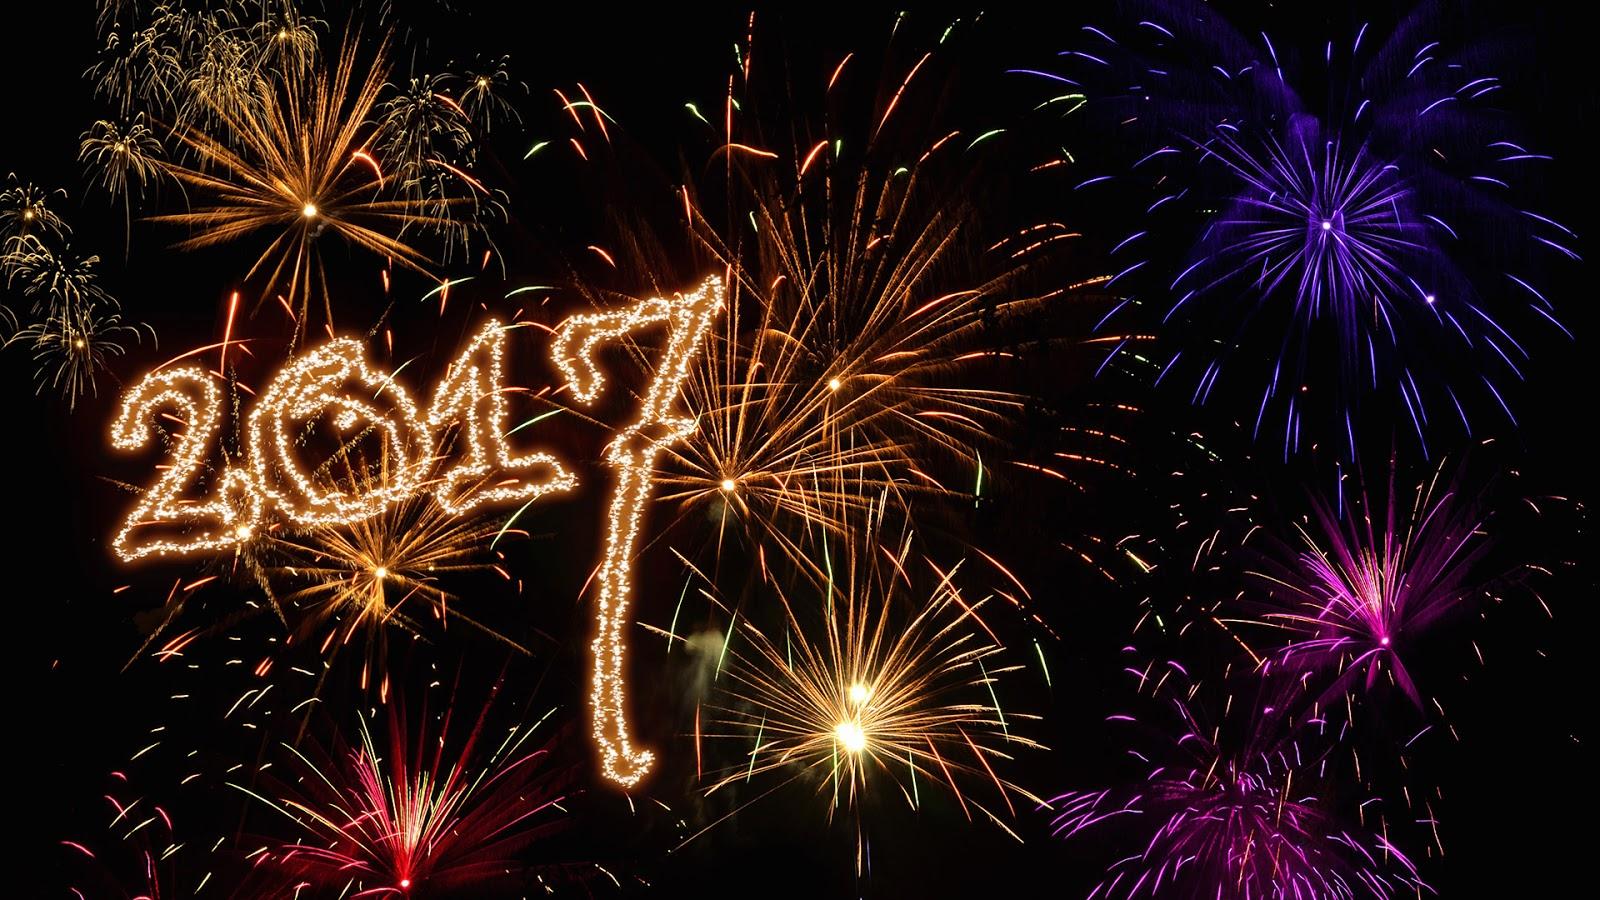 Hình nền tết 2017 đẹp chào đón năm mới - hình 14